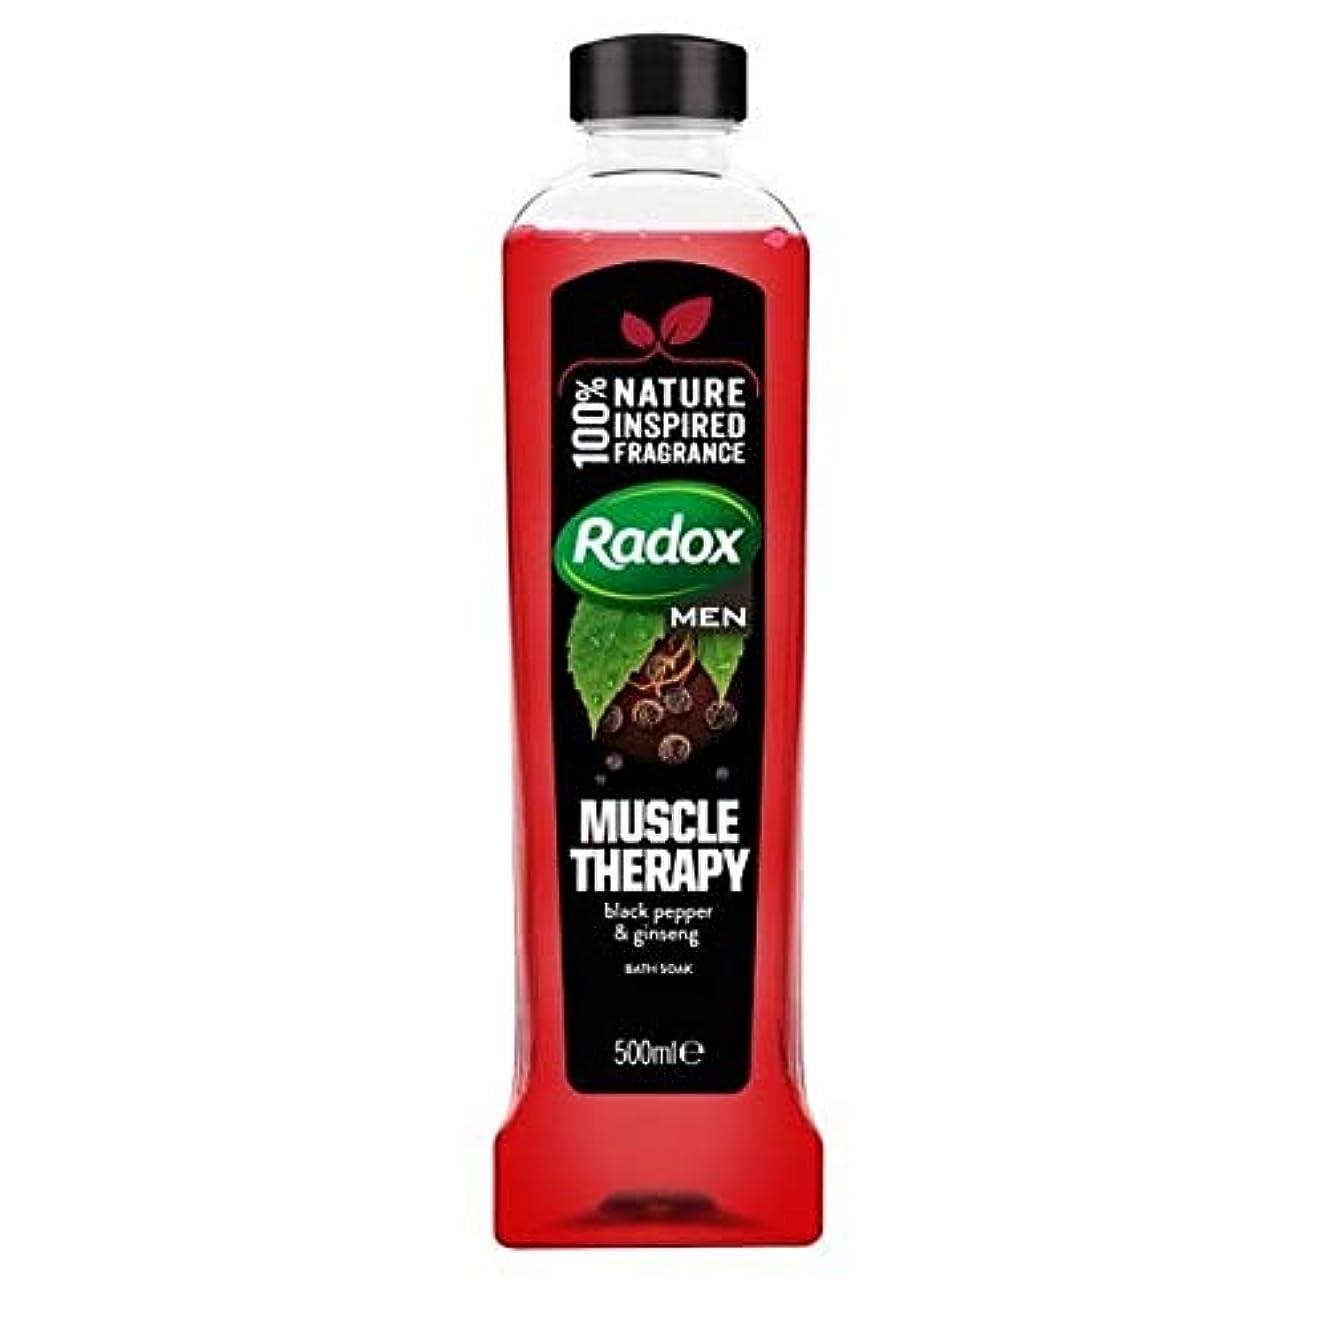 プレミアム小説実験的[Radox] Radoxは、500ミリリットルのソーク良い香り筋肉の治療風呂を感じます - Radox Feel Good Fragrance Muscle Therapy Bath Soak 500ml [並行輸入品]